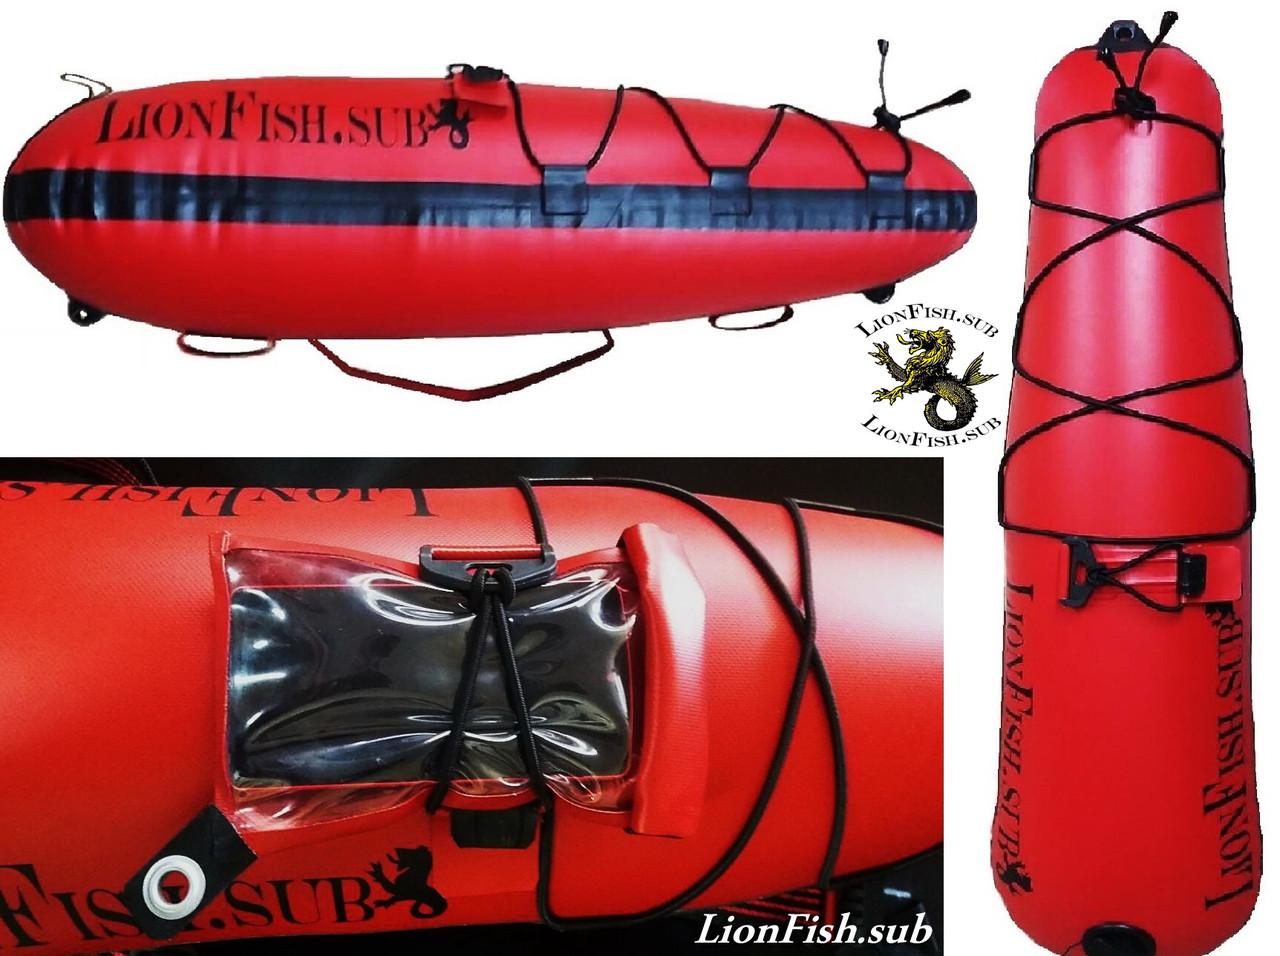 """Буй """"Торпеда LionFish.sub"""" для Подводной Охоты, Дайвинга с креплением и гермо-чехлом для телефона/документов"""